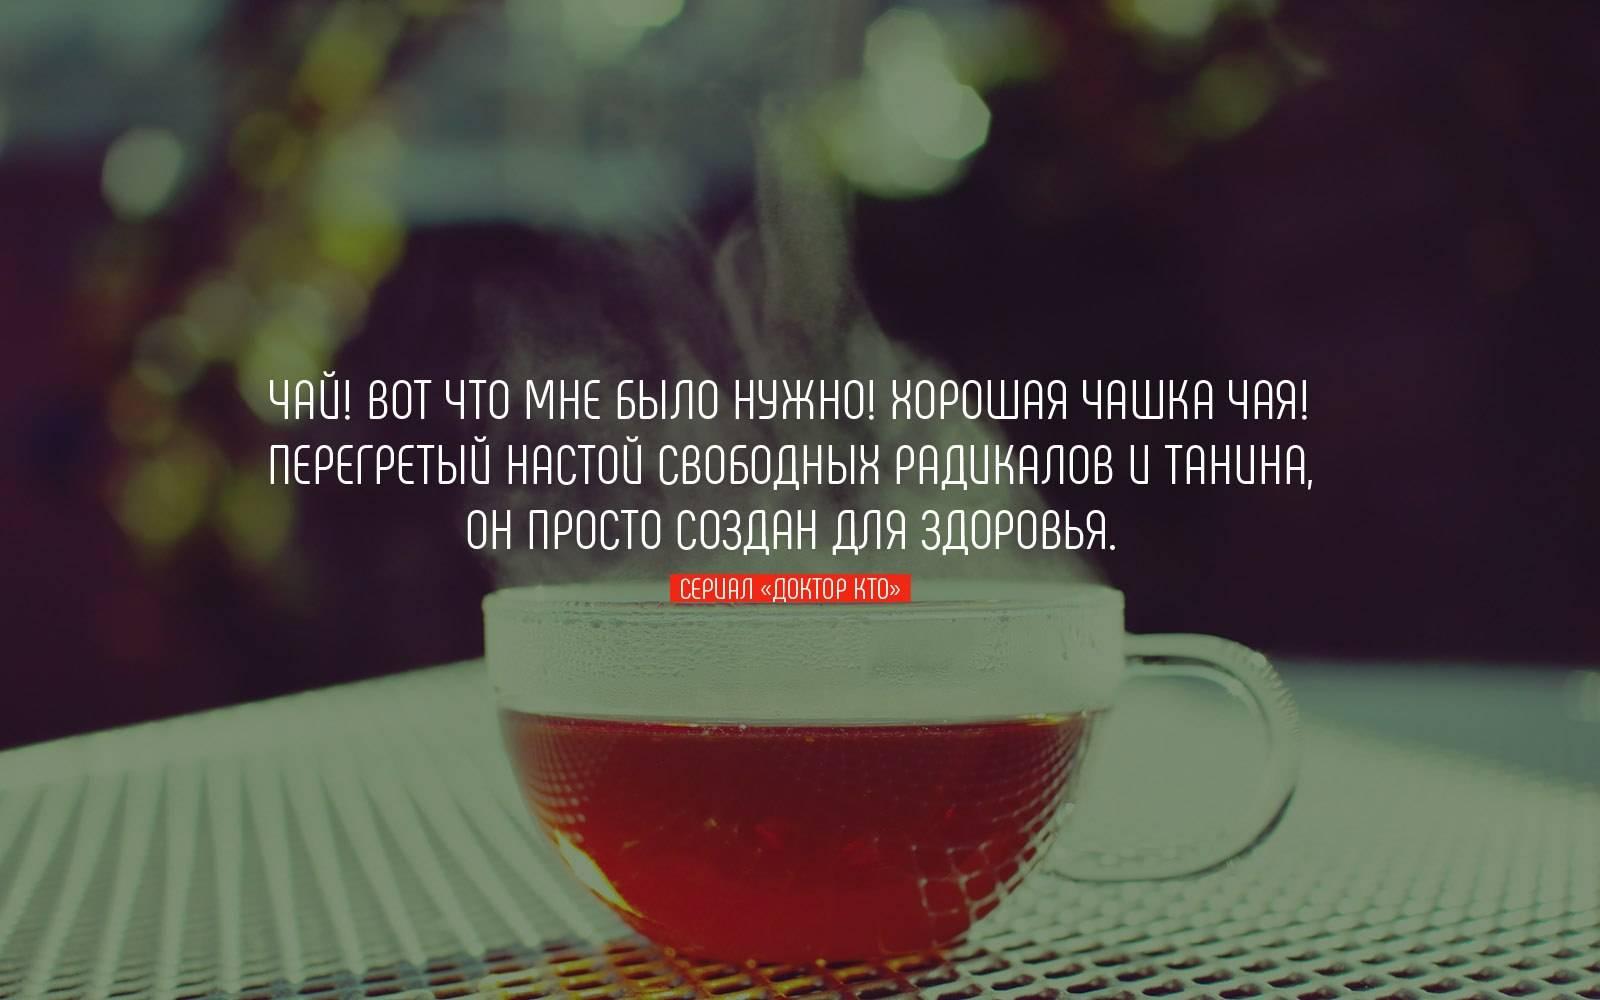 Статусы про кофе: вдохновляющие фразы